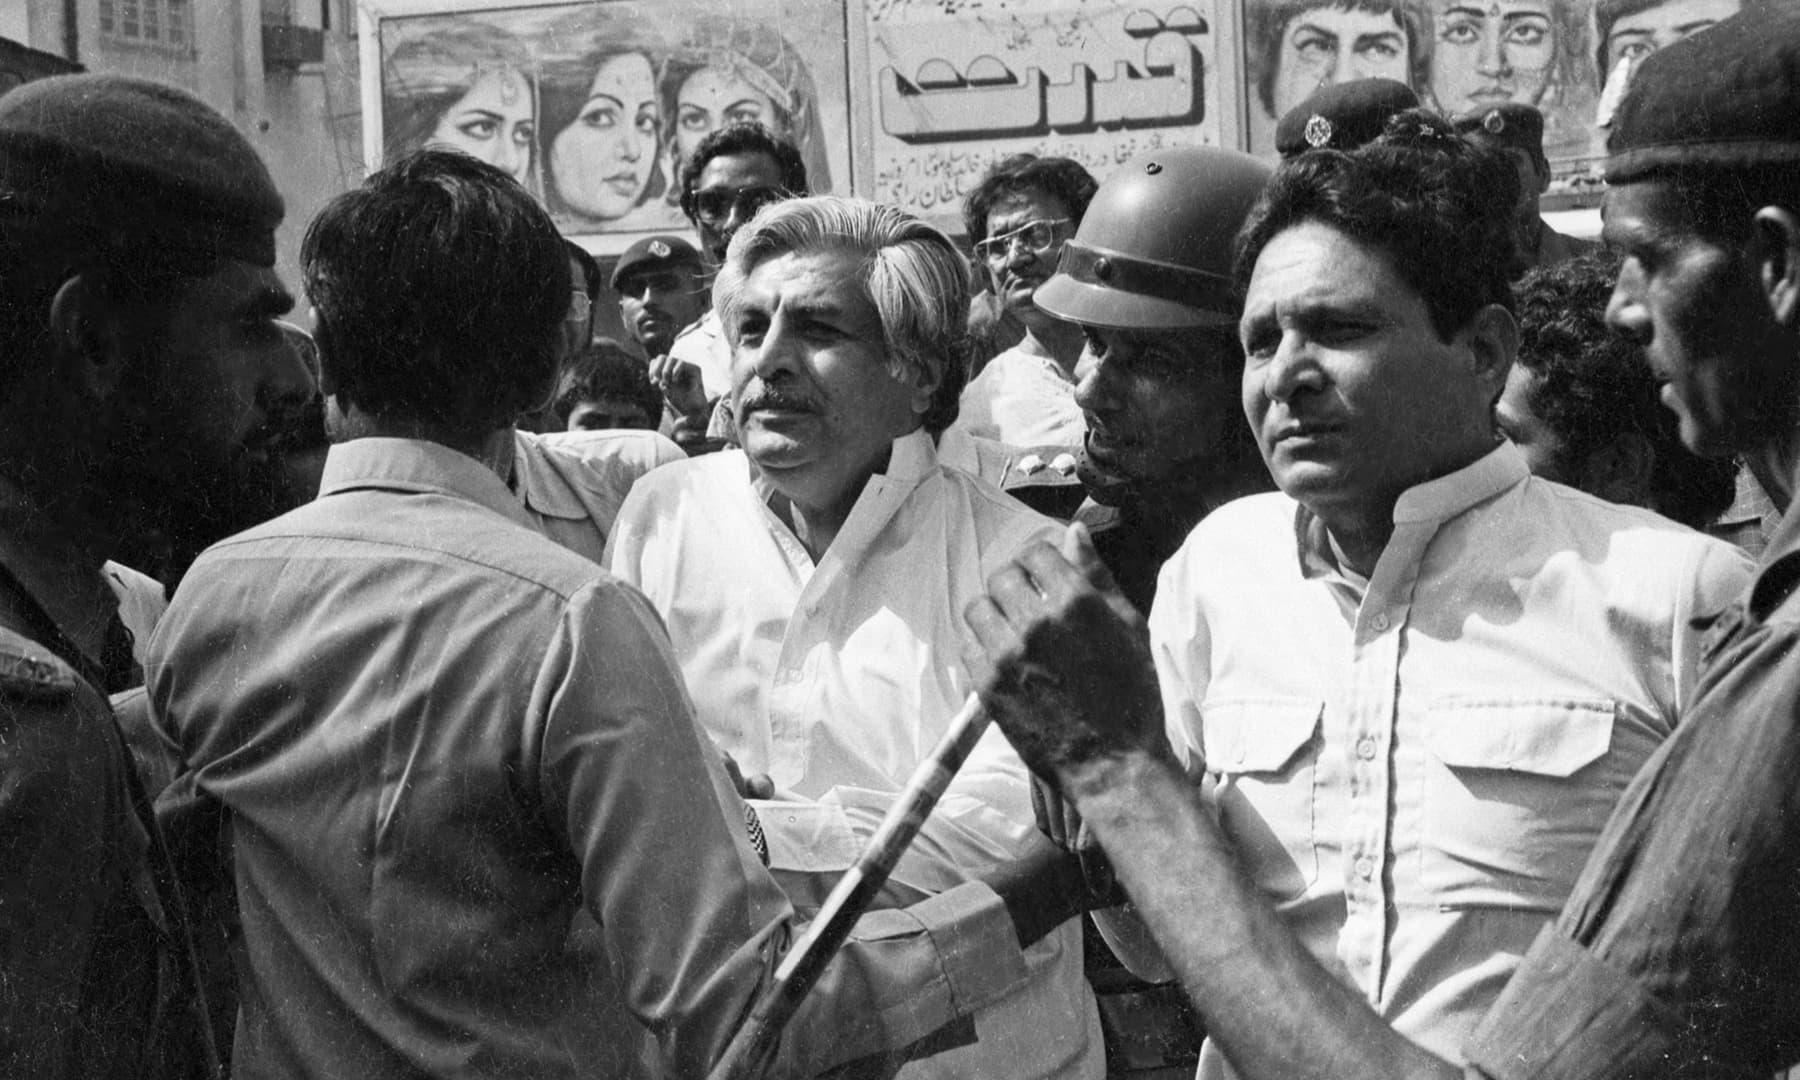 ایم آر ڈی لیڈران غلام مصطفیٰ جتوئی اور معراج محمد خان کو ضیا آمریت کے خاتمے اور جمہوریت کی بحالی کے لیے جاری احتجاجی مظاہرے کے دوران پولیس حراست میں لے رہی ہے — تصویر بشکریہ سینئر فوٹوجرنلسٹ زاہد حسین